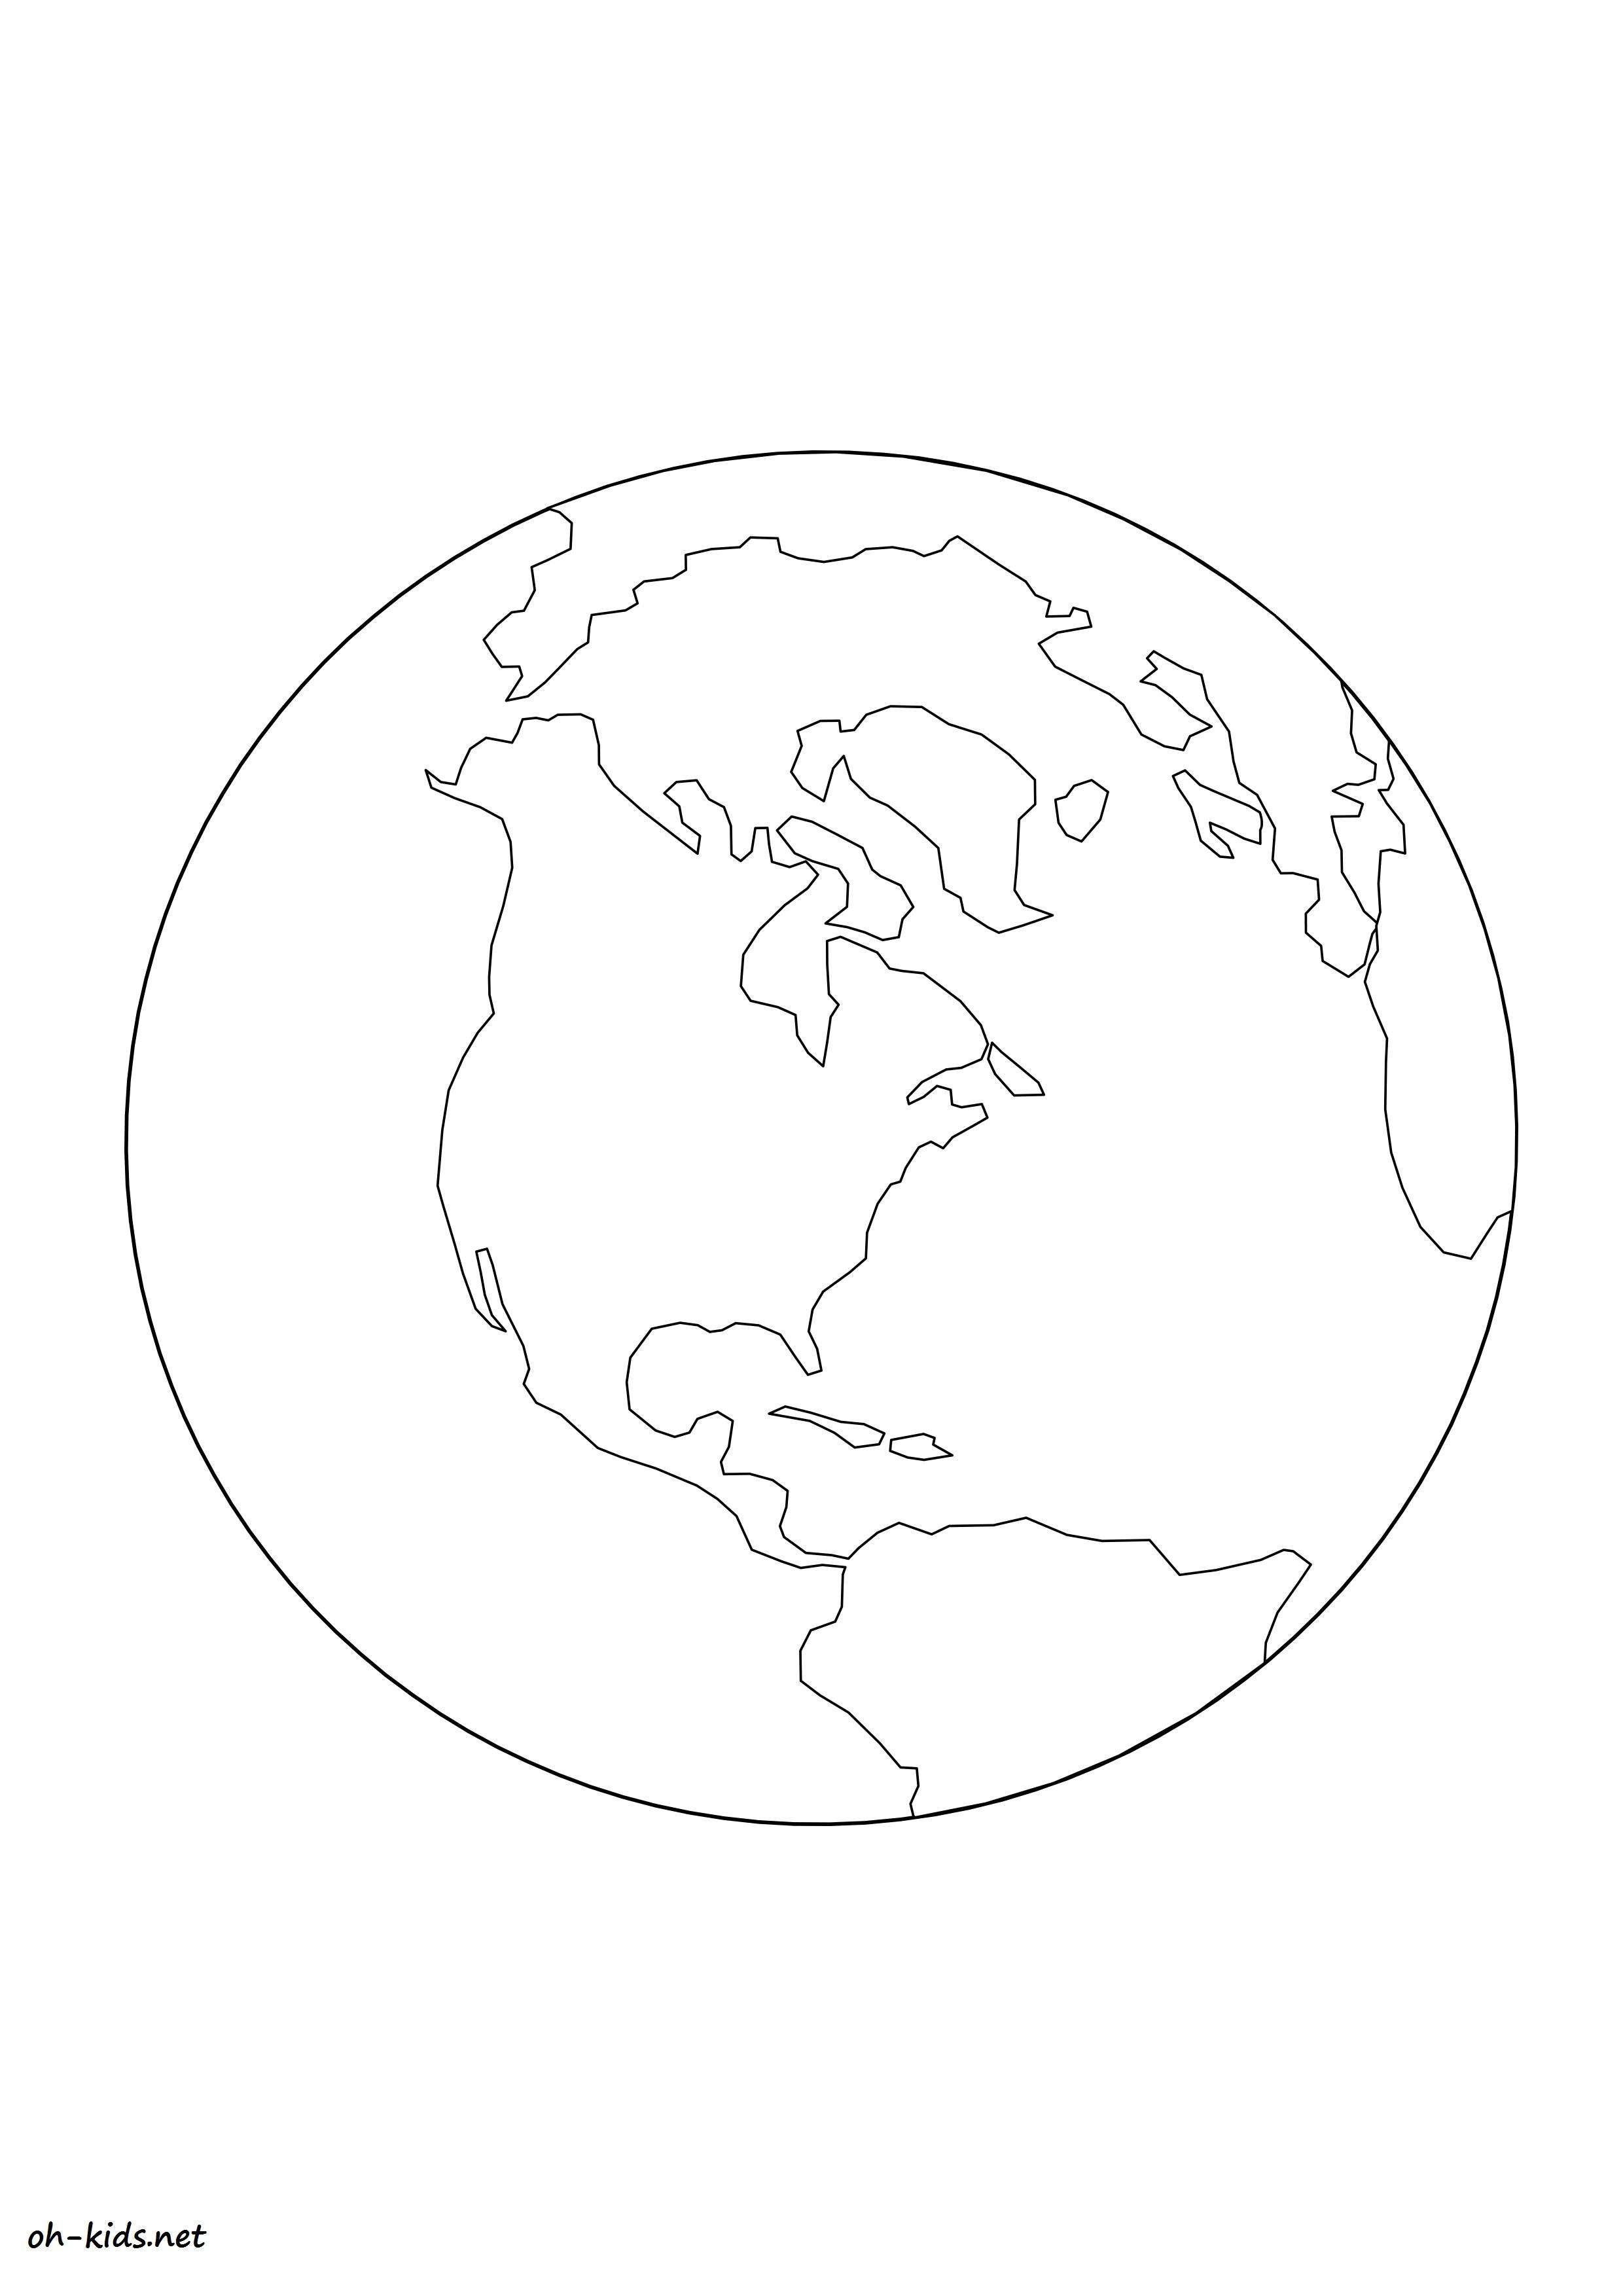 coloriage globe terrestre gratuit à imprimer et colorier - Dessin #1188